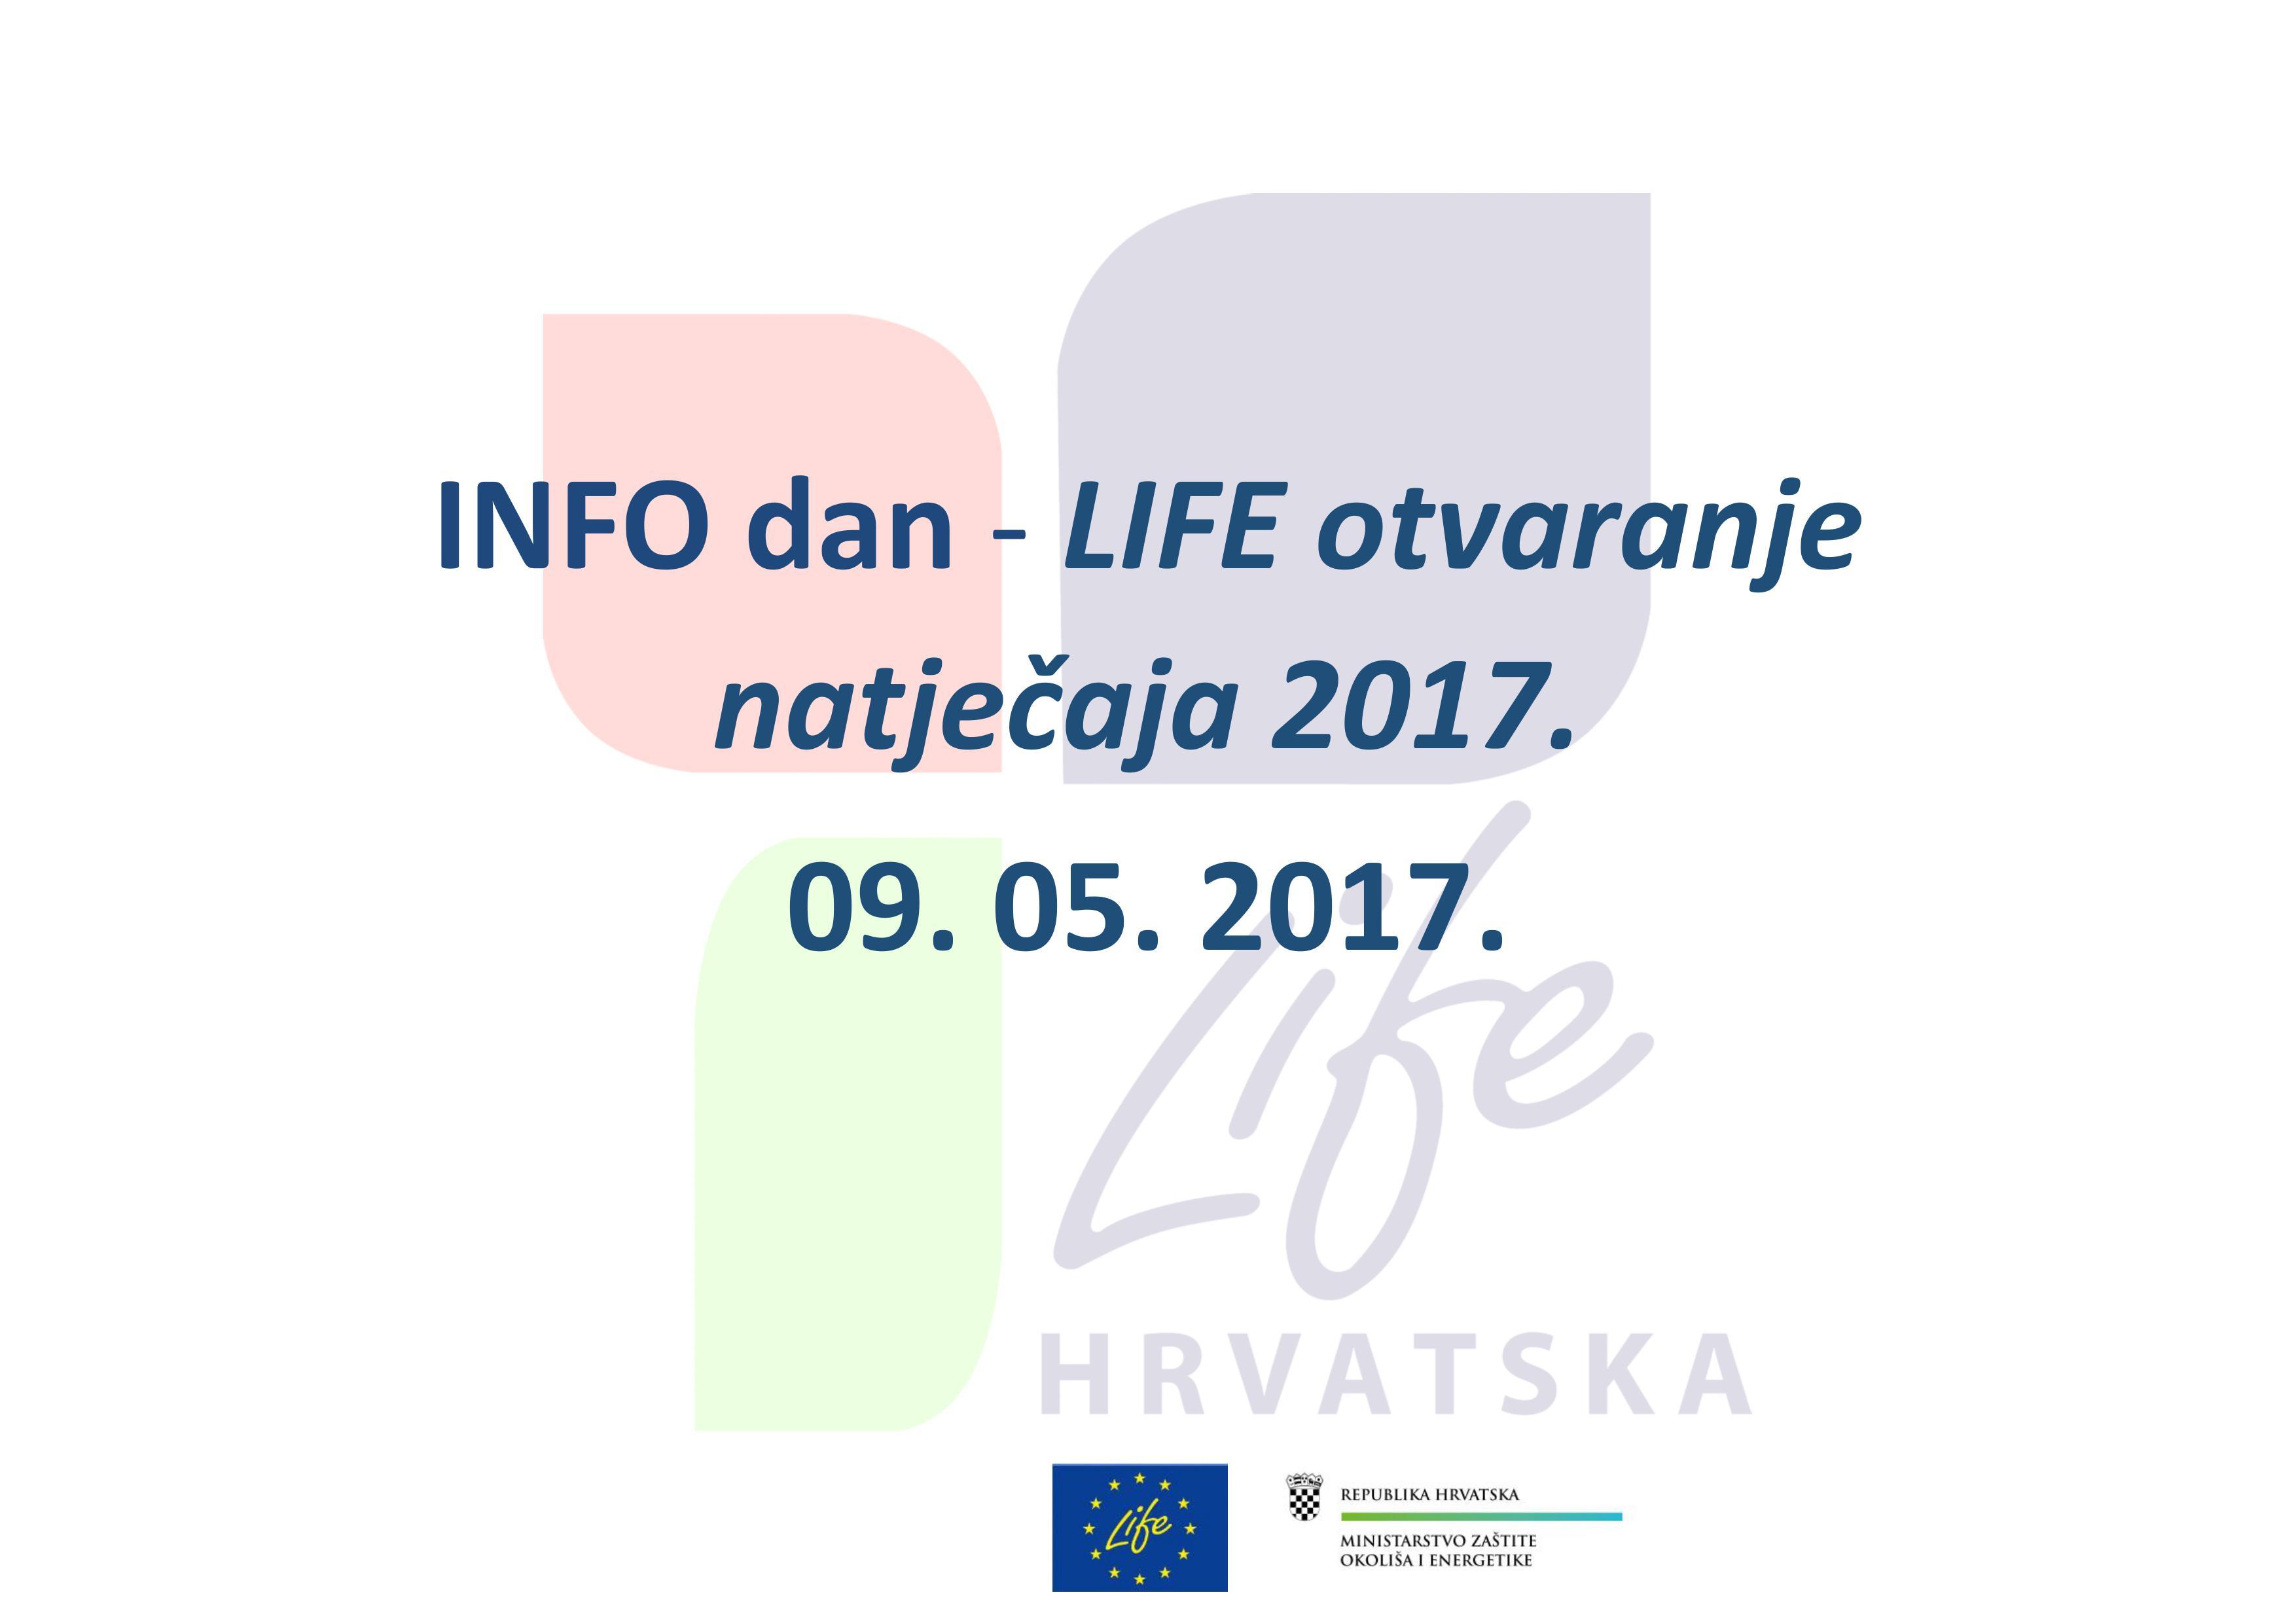 INFO dan – LIFE otvaranje natječaja 2017.